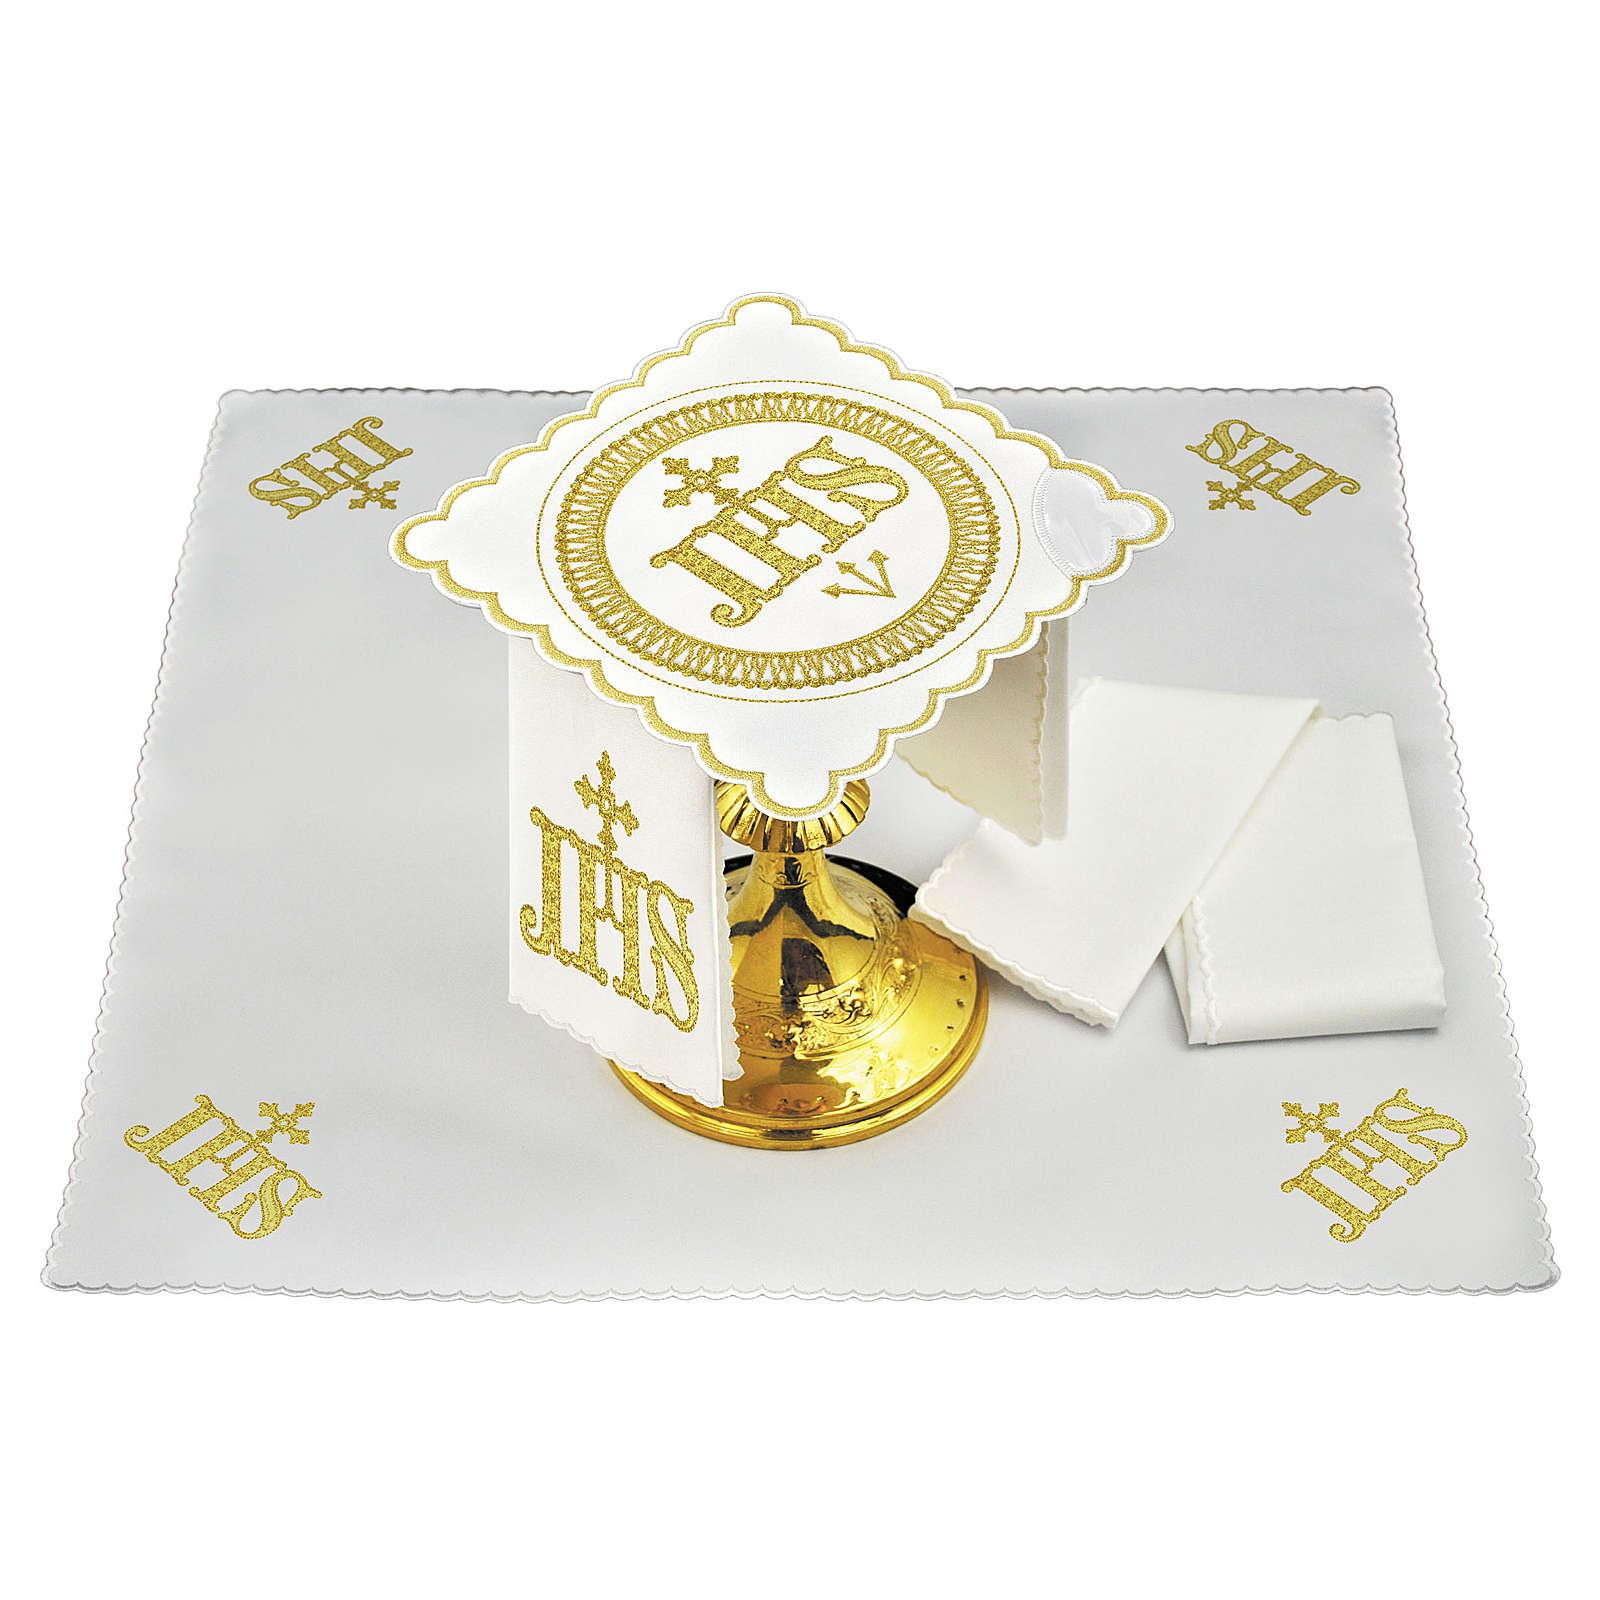 Servizio da altare cotone simbolo JHS posizione centrale e ricami dorati 4